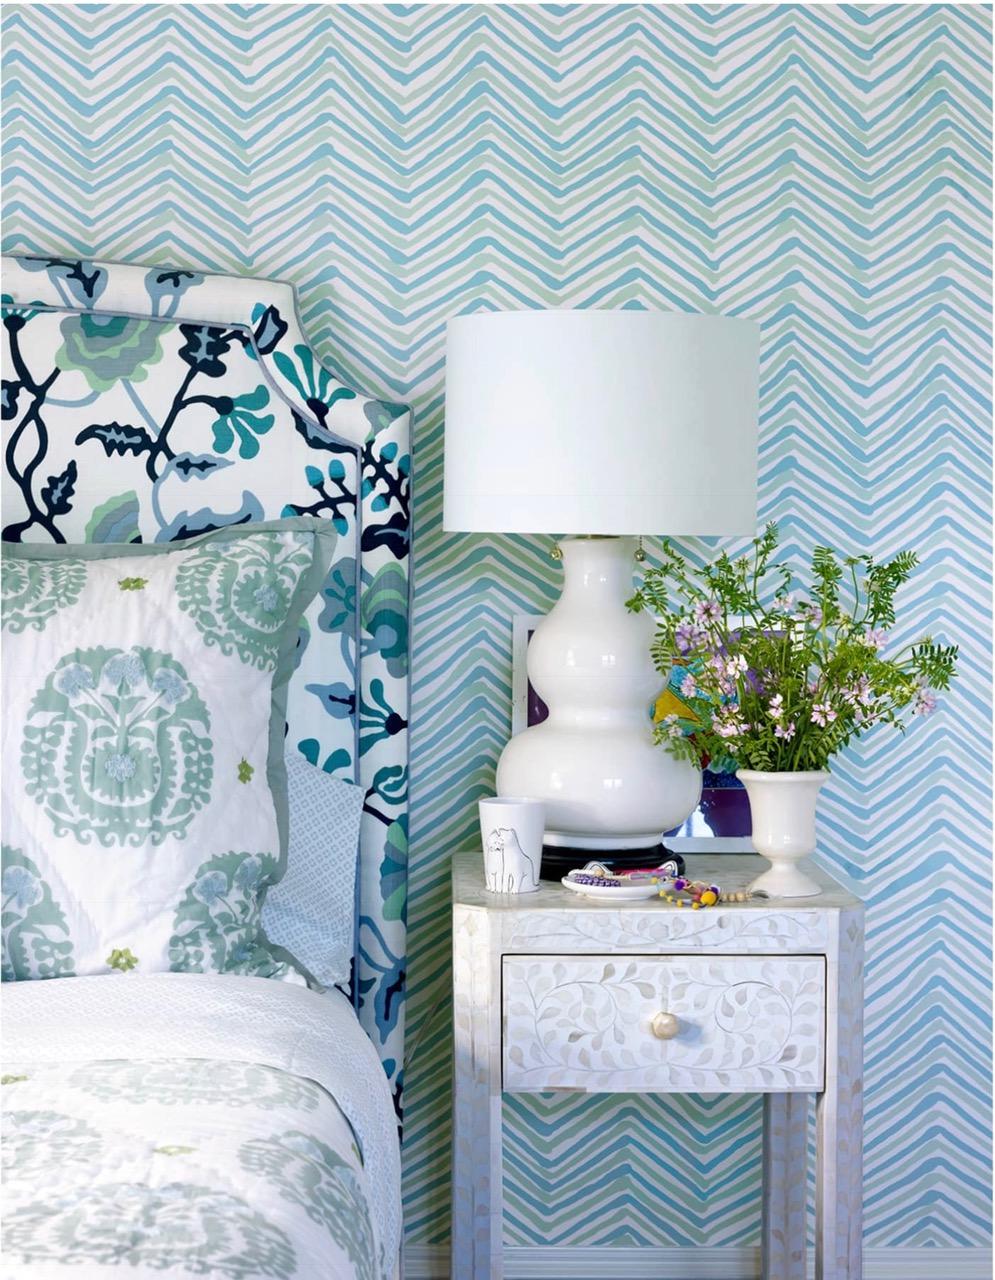 Quadrille Fabrics Wallpaper And Fabric Designer 3 More